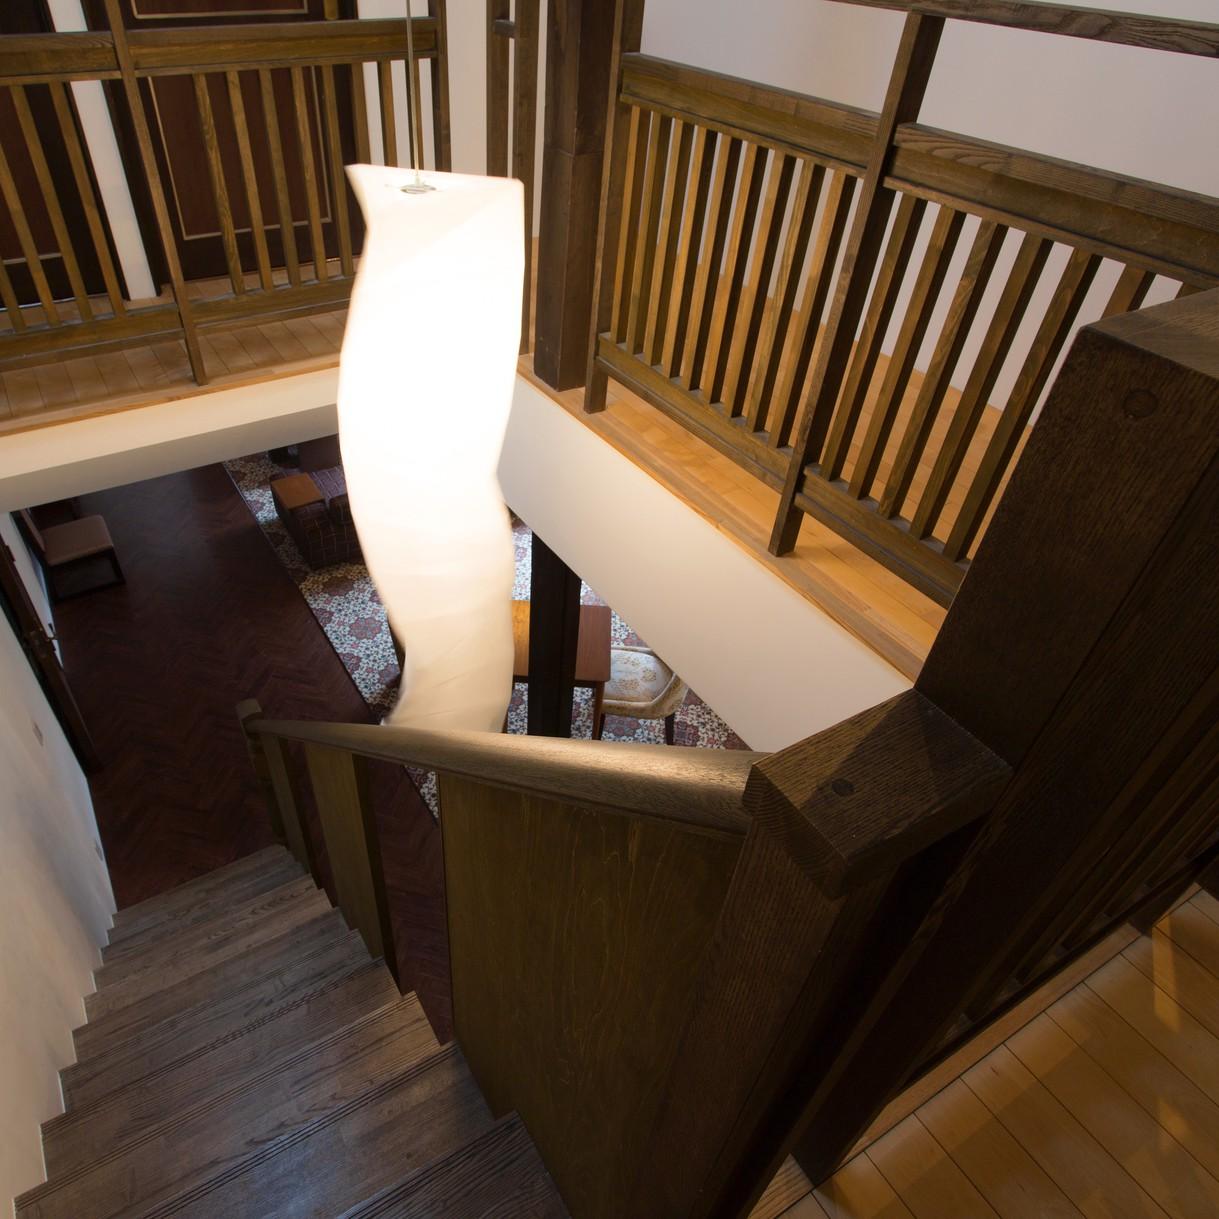 1階と2階を結ぶレトロな階段。1階から2階への吹き抜けも美しい。